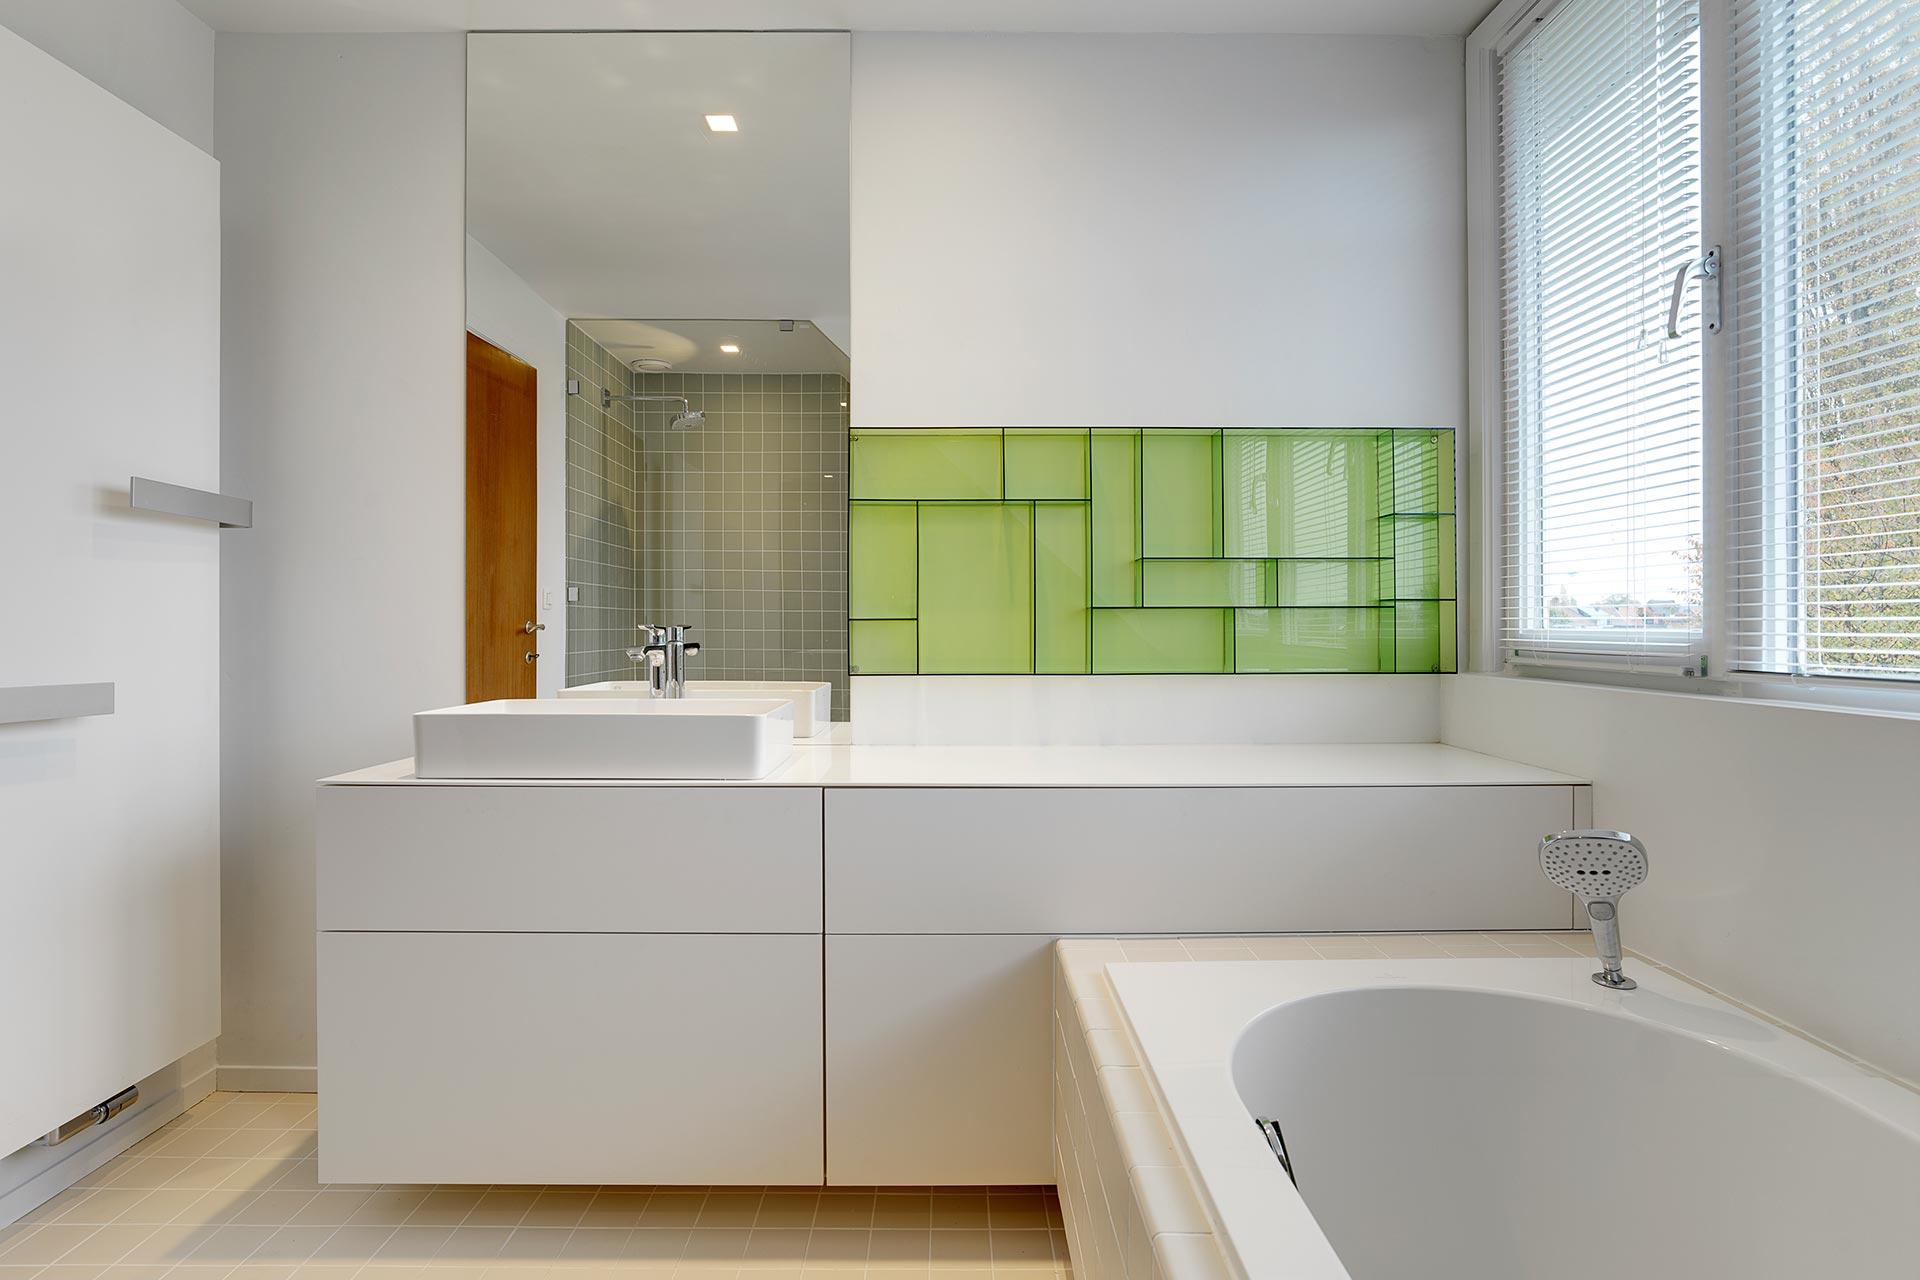 badkamer renovatie 4